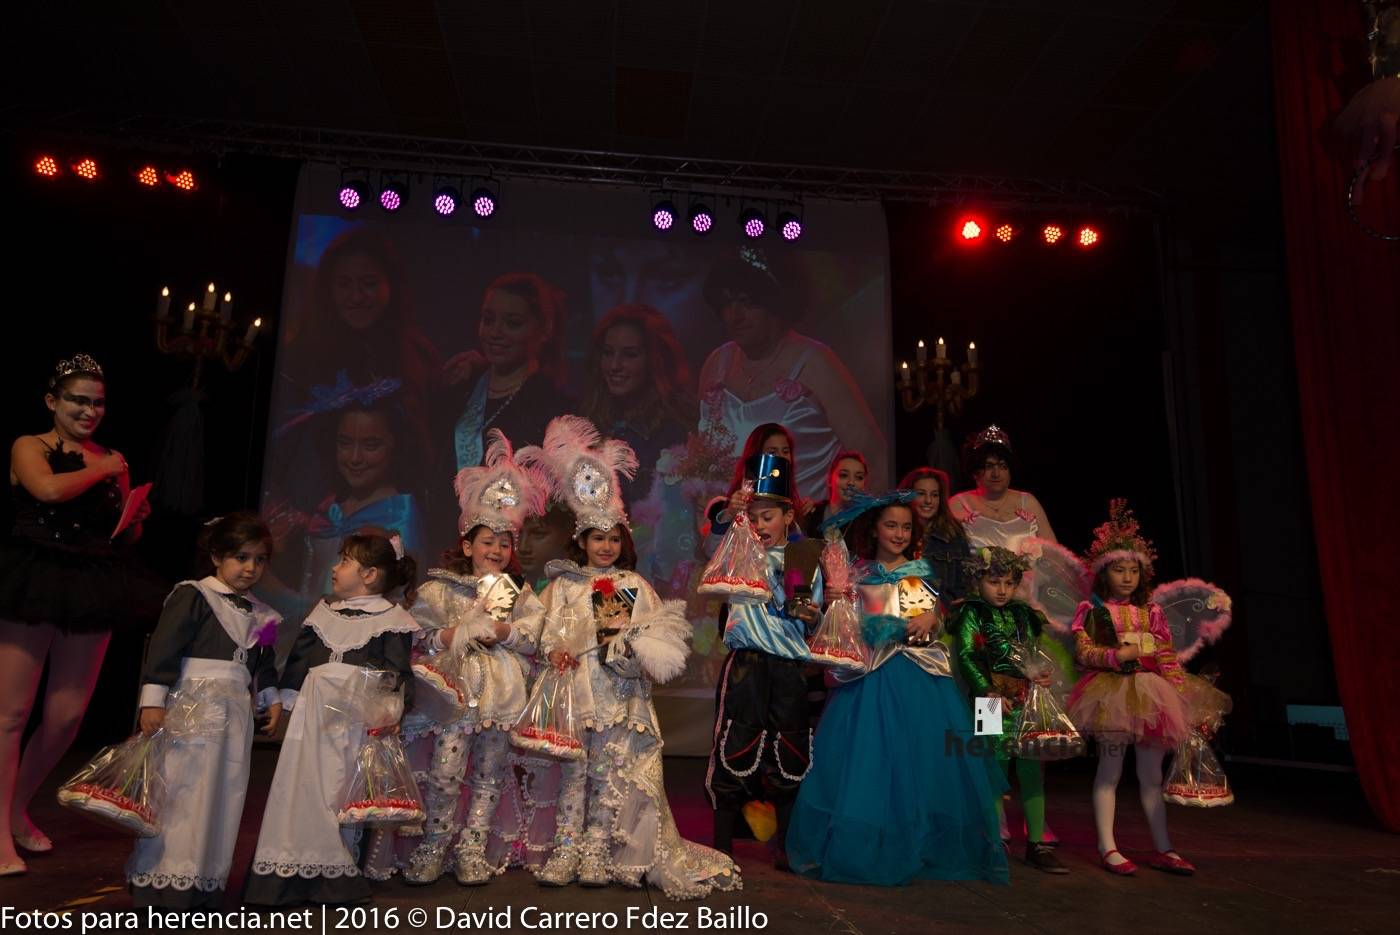 Carnaval de Herencia 2016 DSC 0967 - El Carnaval de Herencia 2016 arranca con más fuerza que nunca